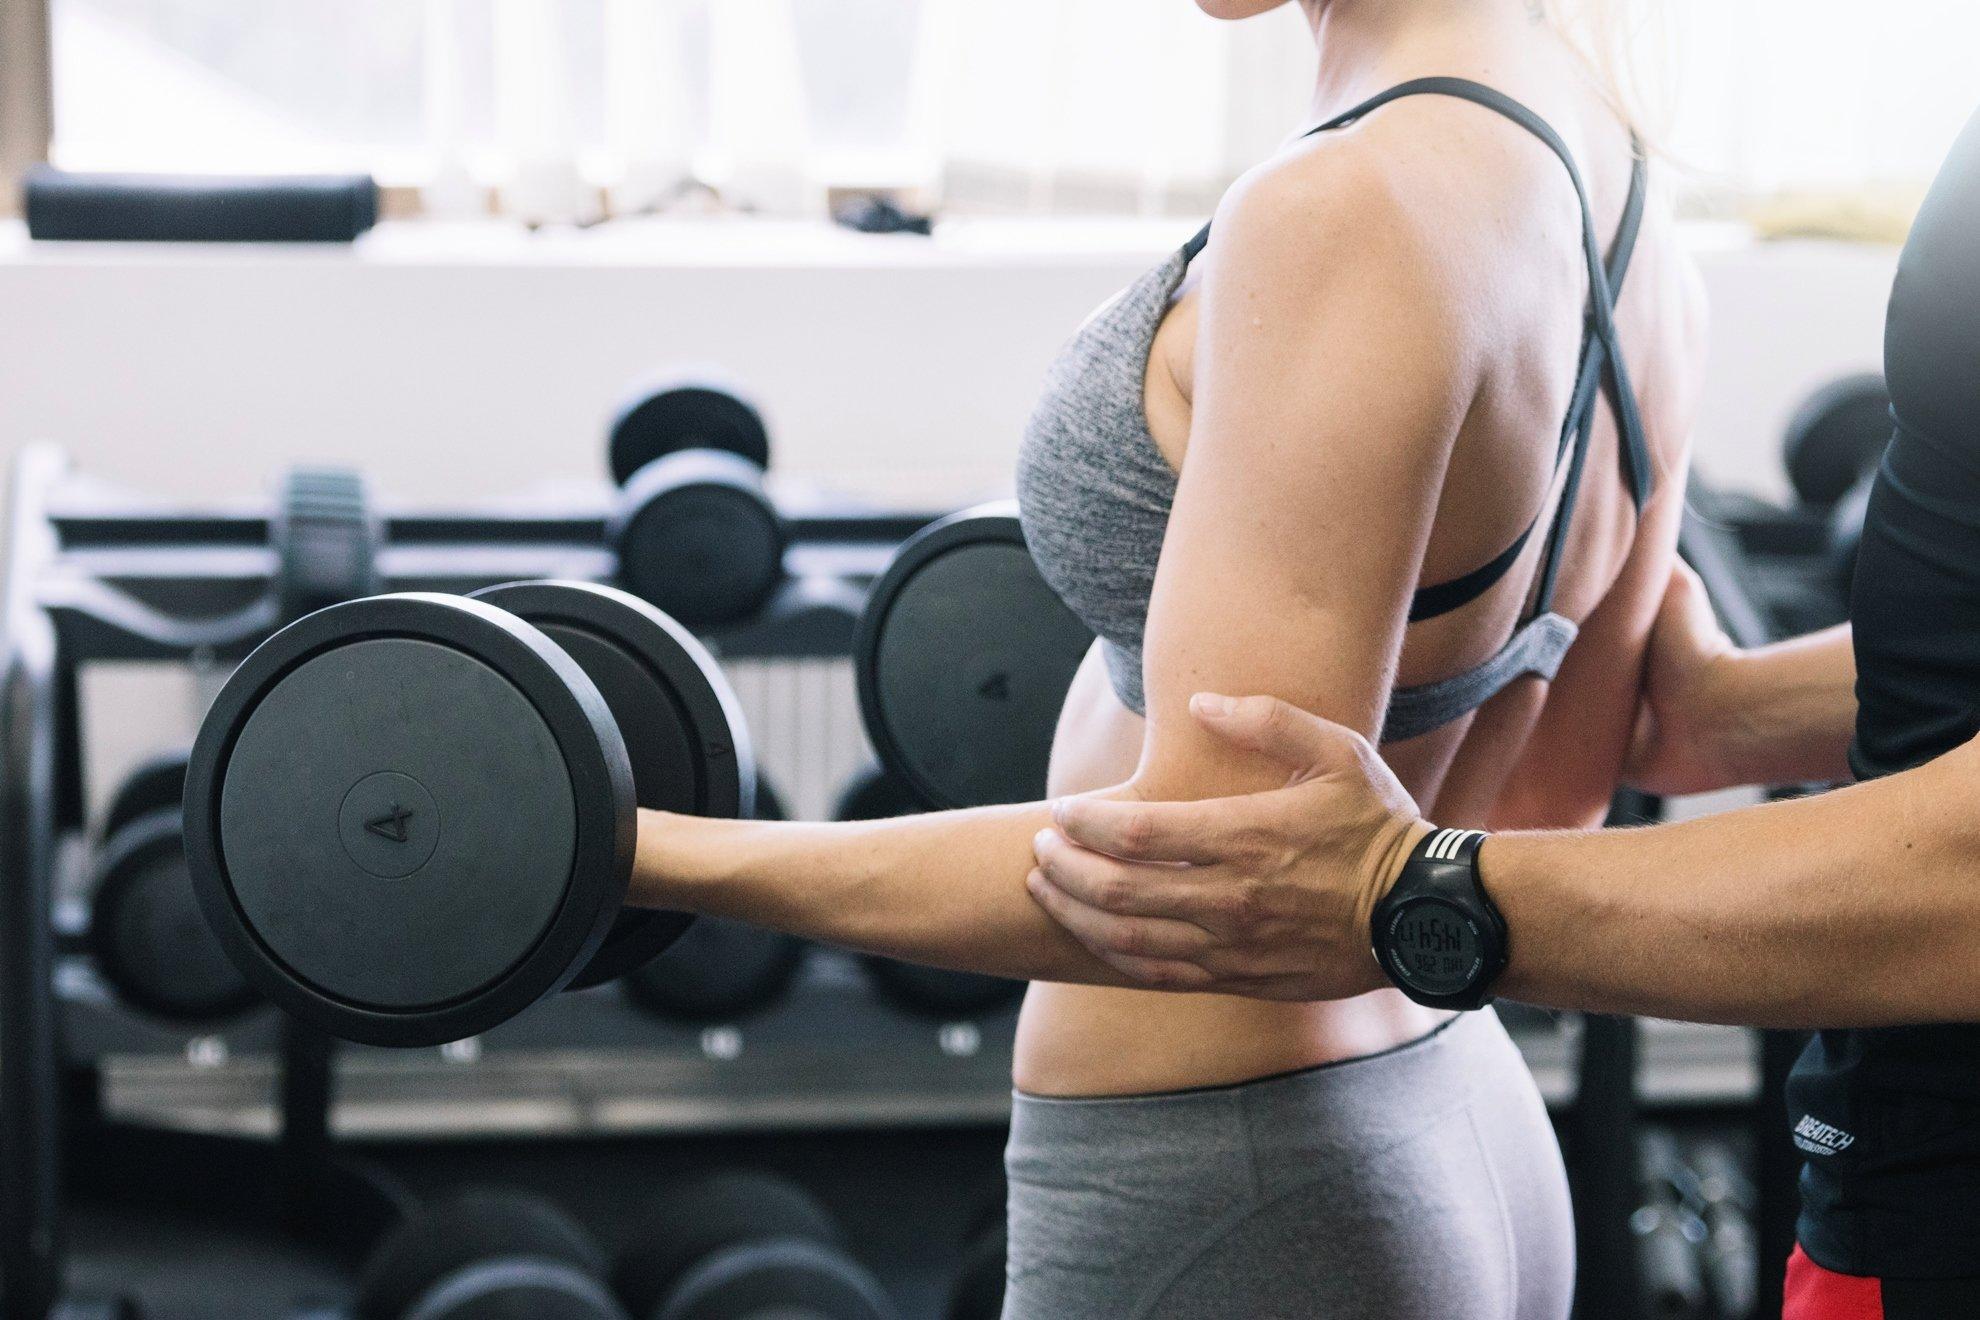 Секс с фитнес-тренером. Зачем оно вам надо?